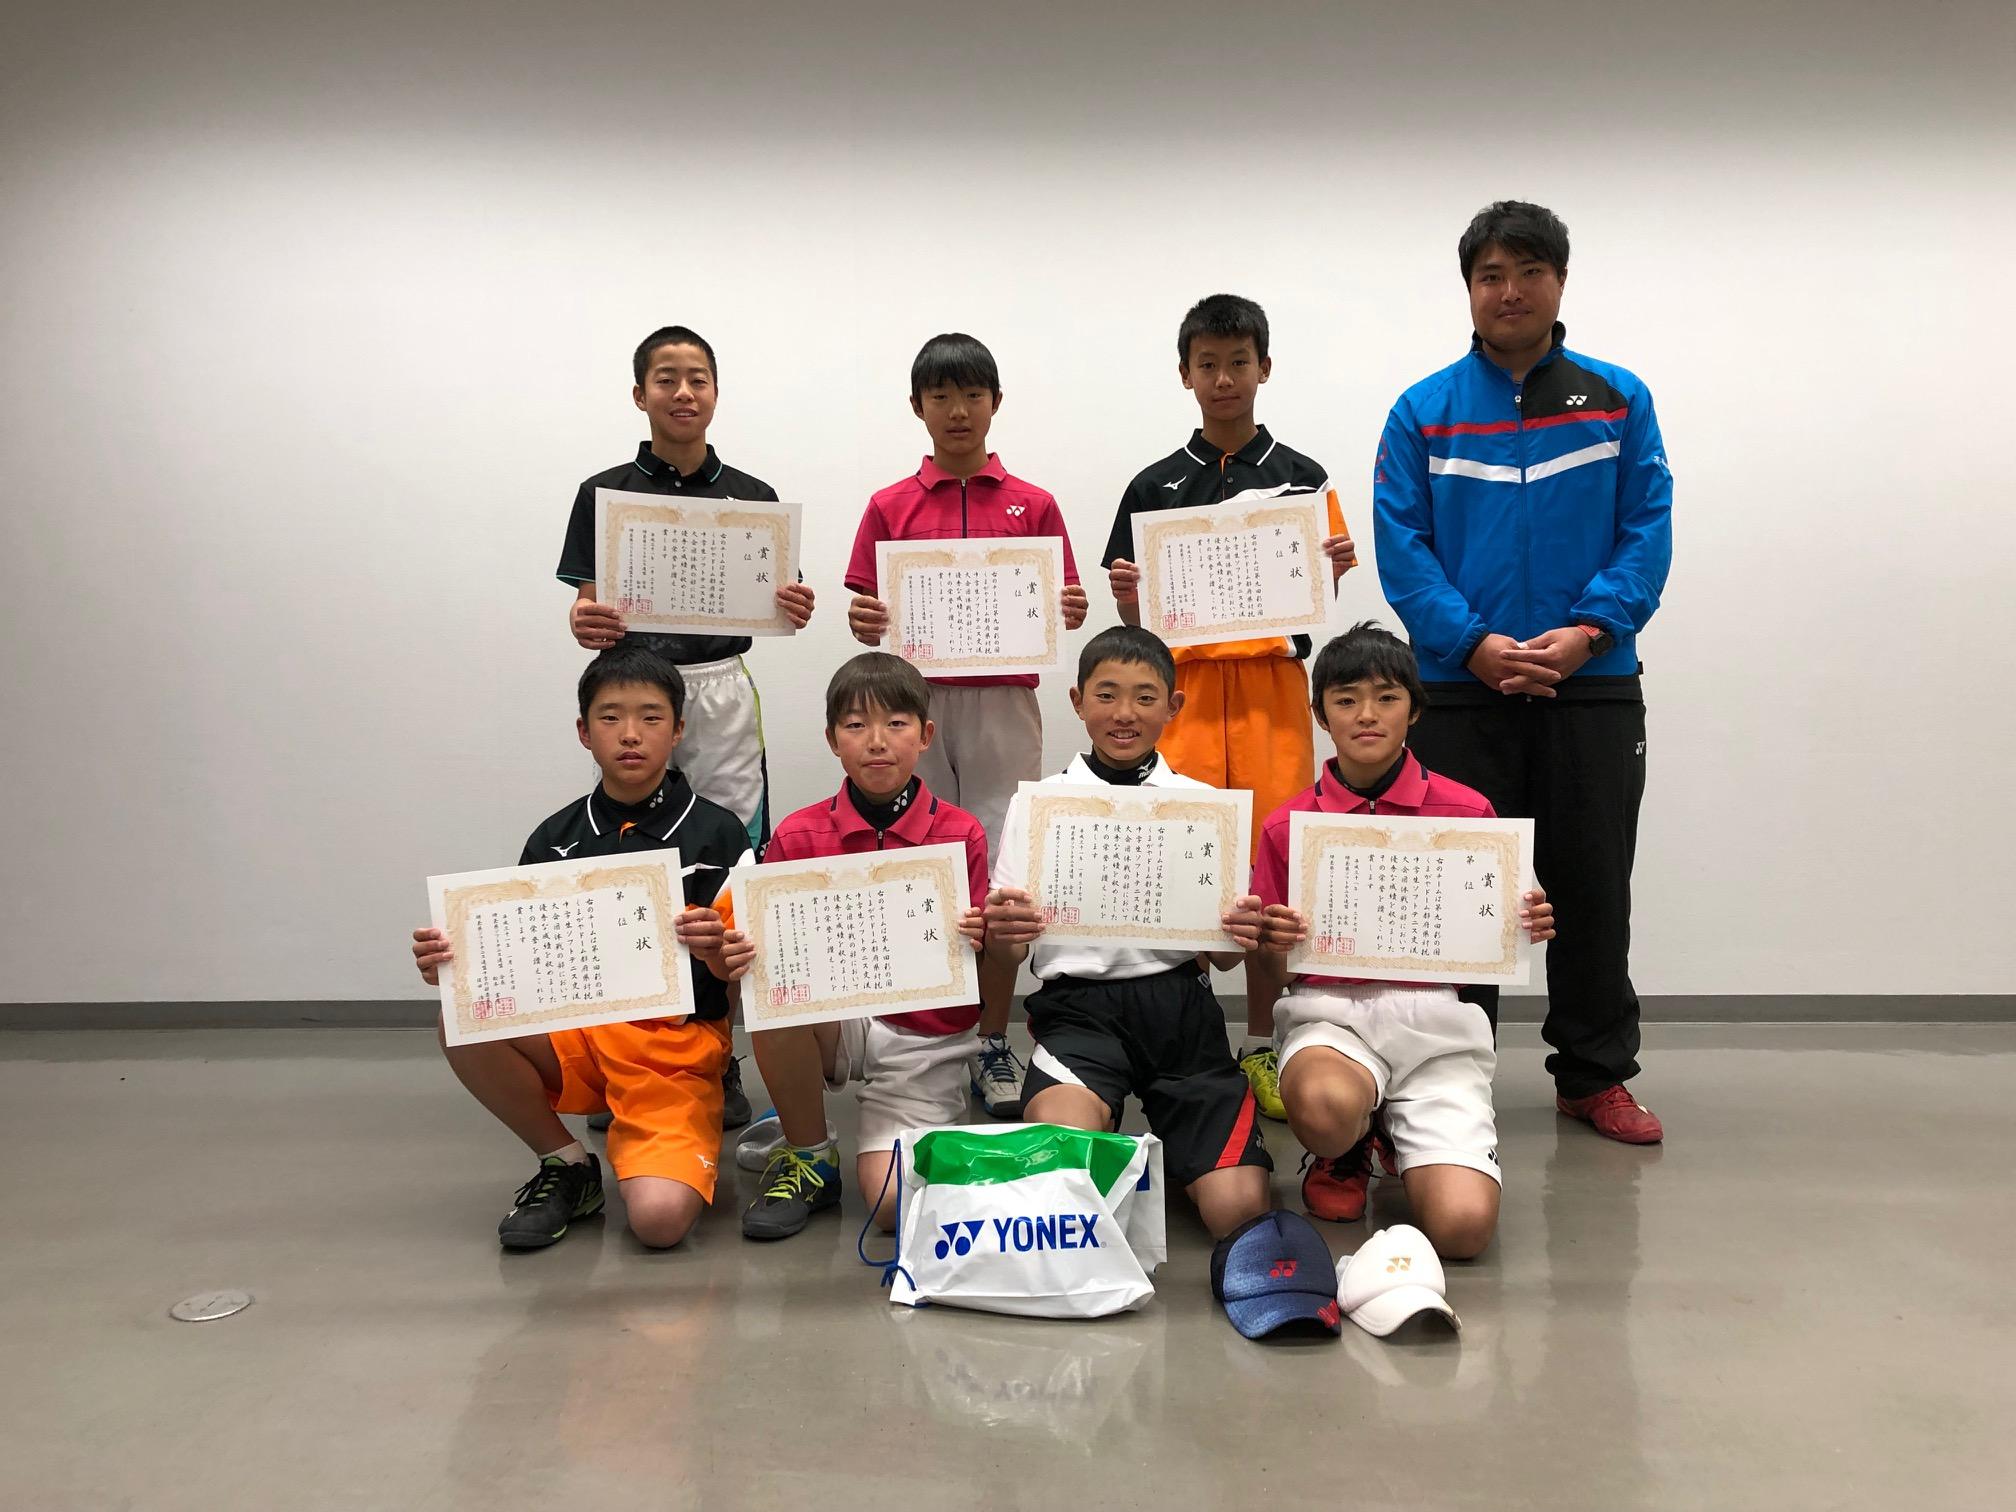 埼玉 県 中体連 ソフトテニス